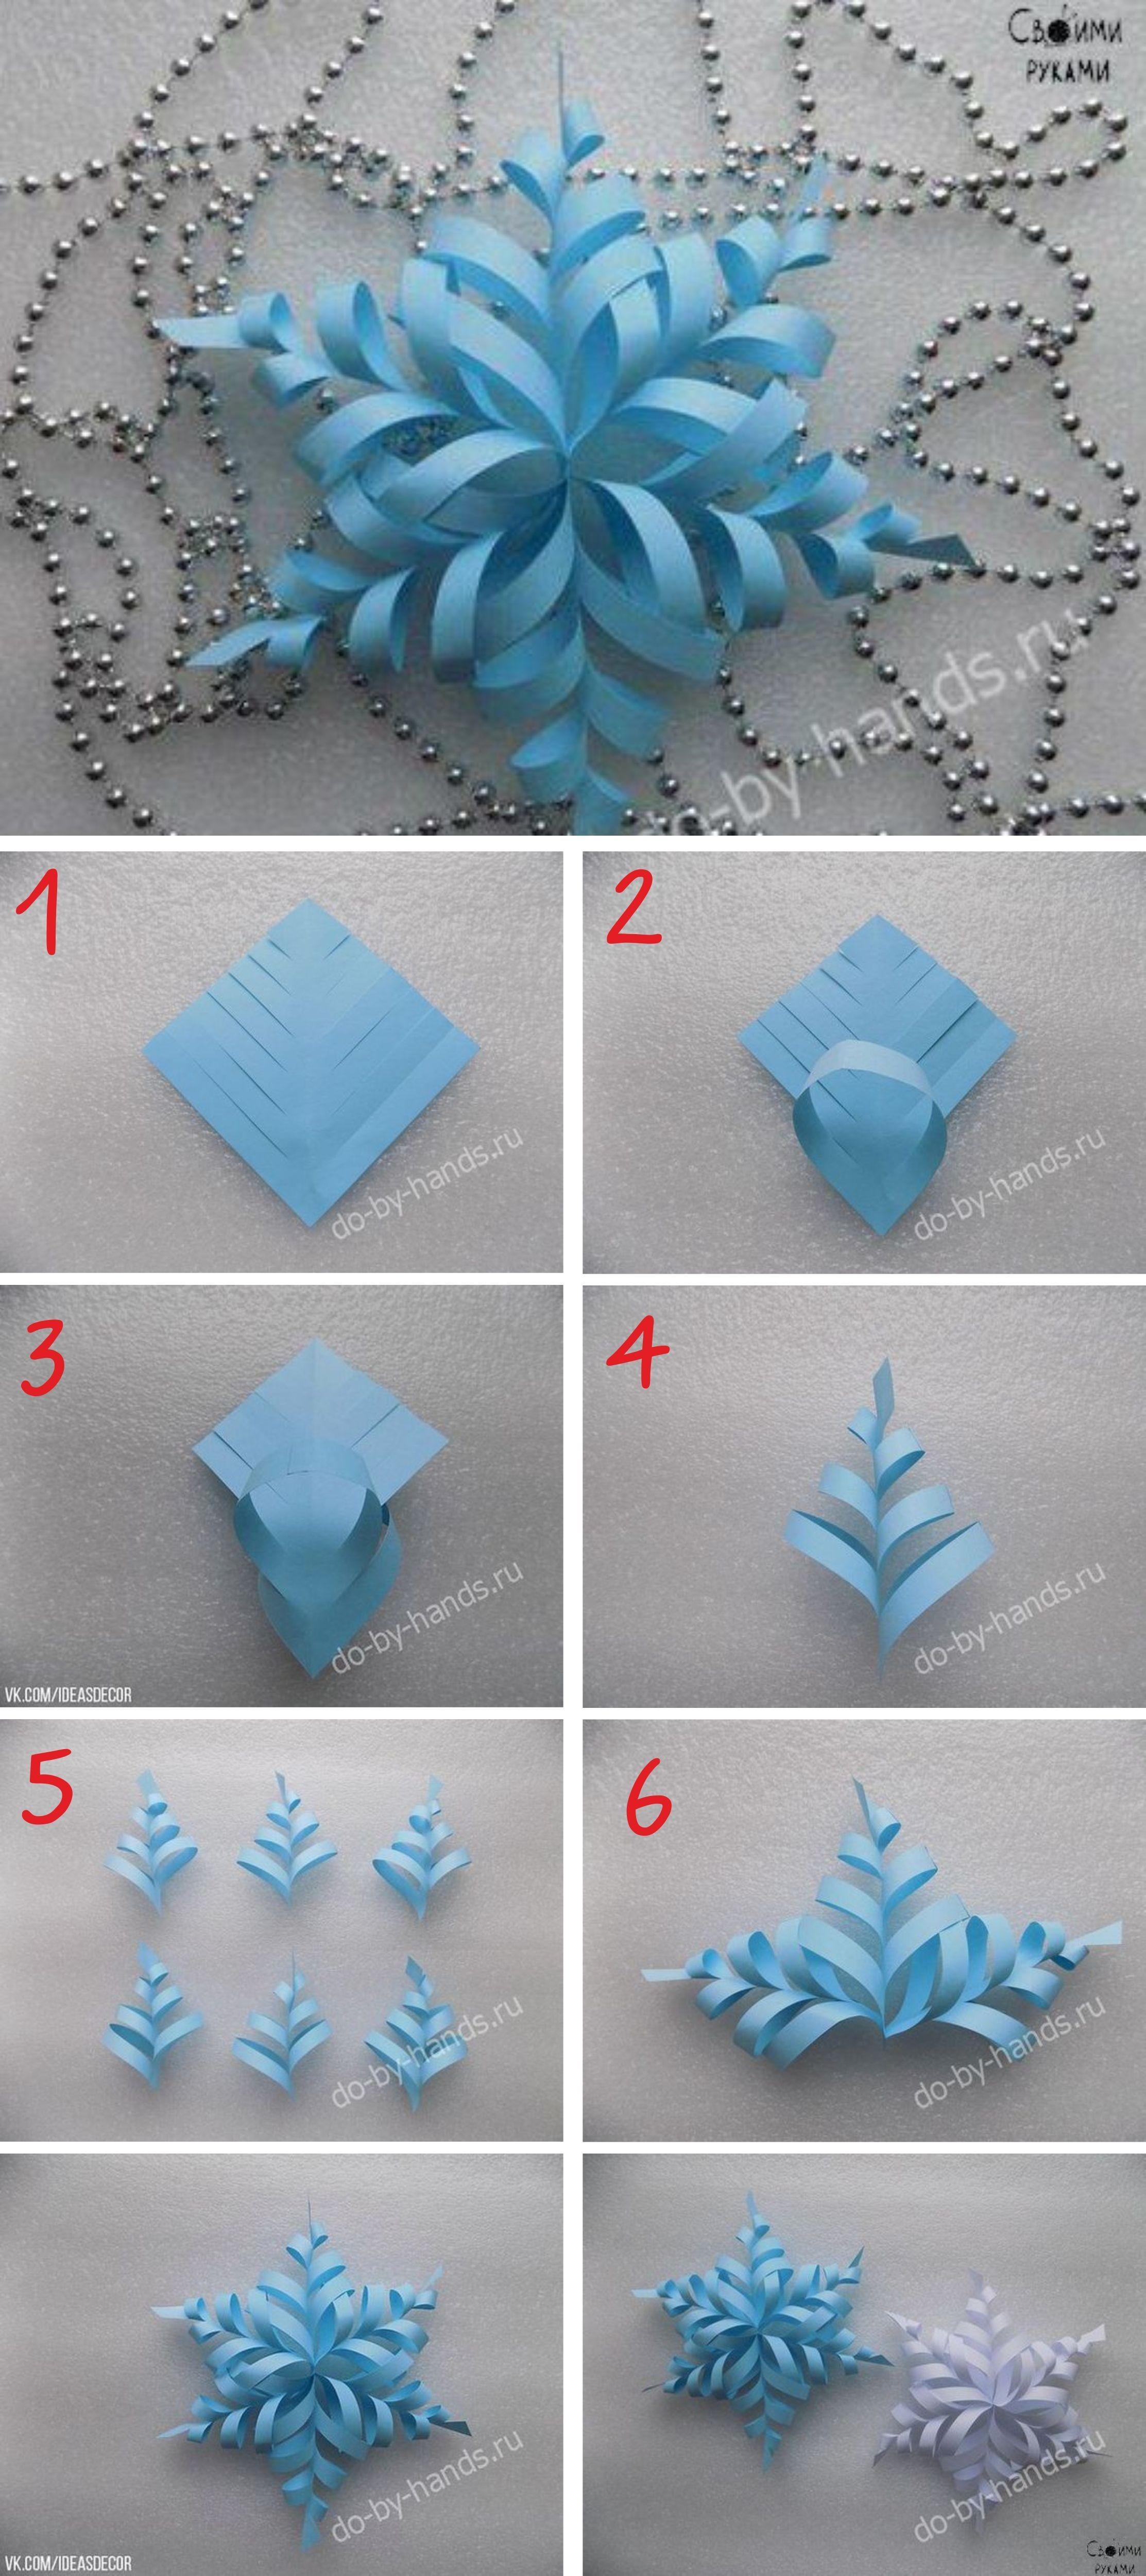 Papercraft Artists Снежинка из шести квадратиков бумаги каждый размером 9х9 см